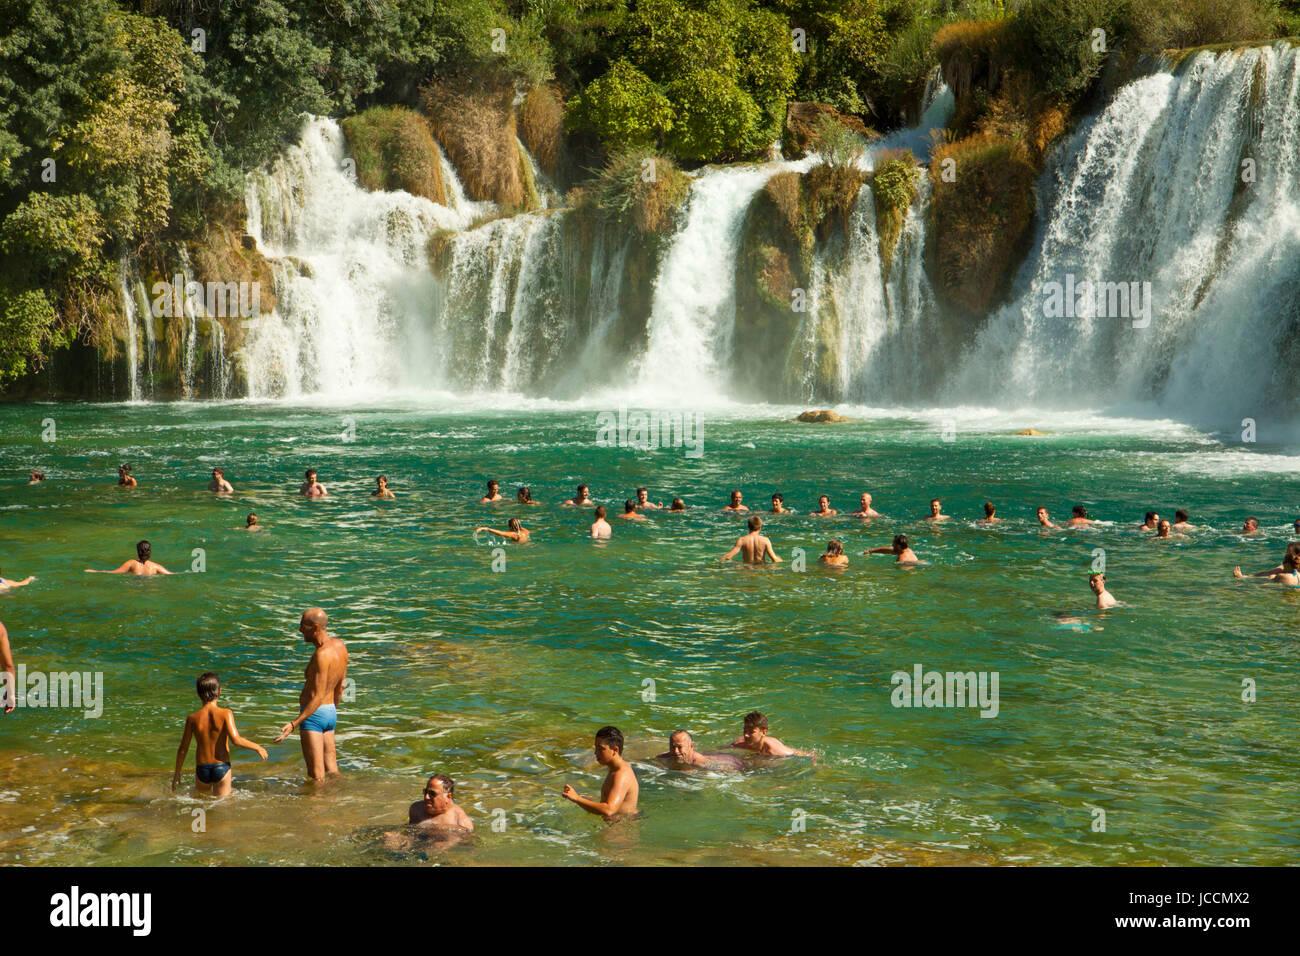 KRKA, KROATIEN - 17. AUGUST 2014. Touristen genießen Sie ein Bad im Krka Wasserfälle im Nationalpark Krka, große Stockfoto